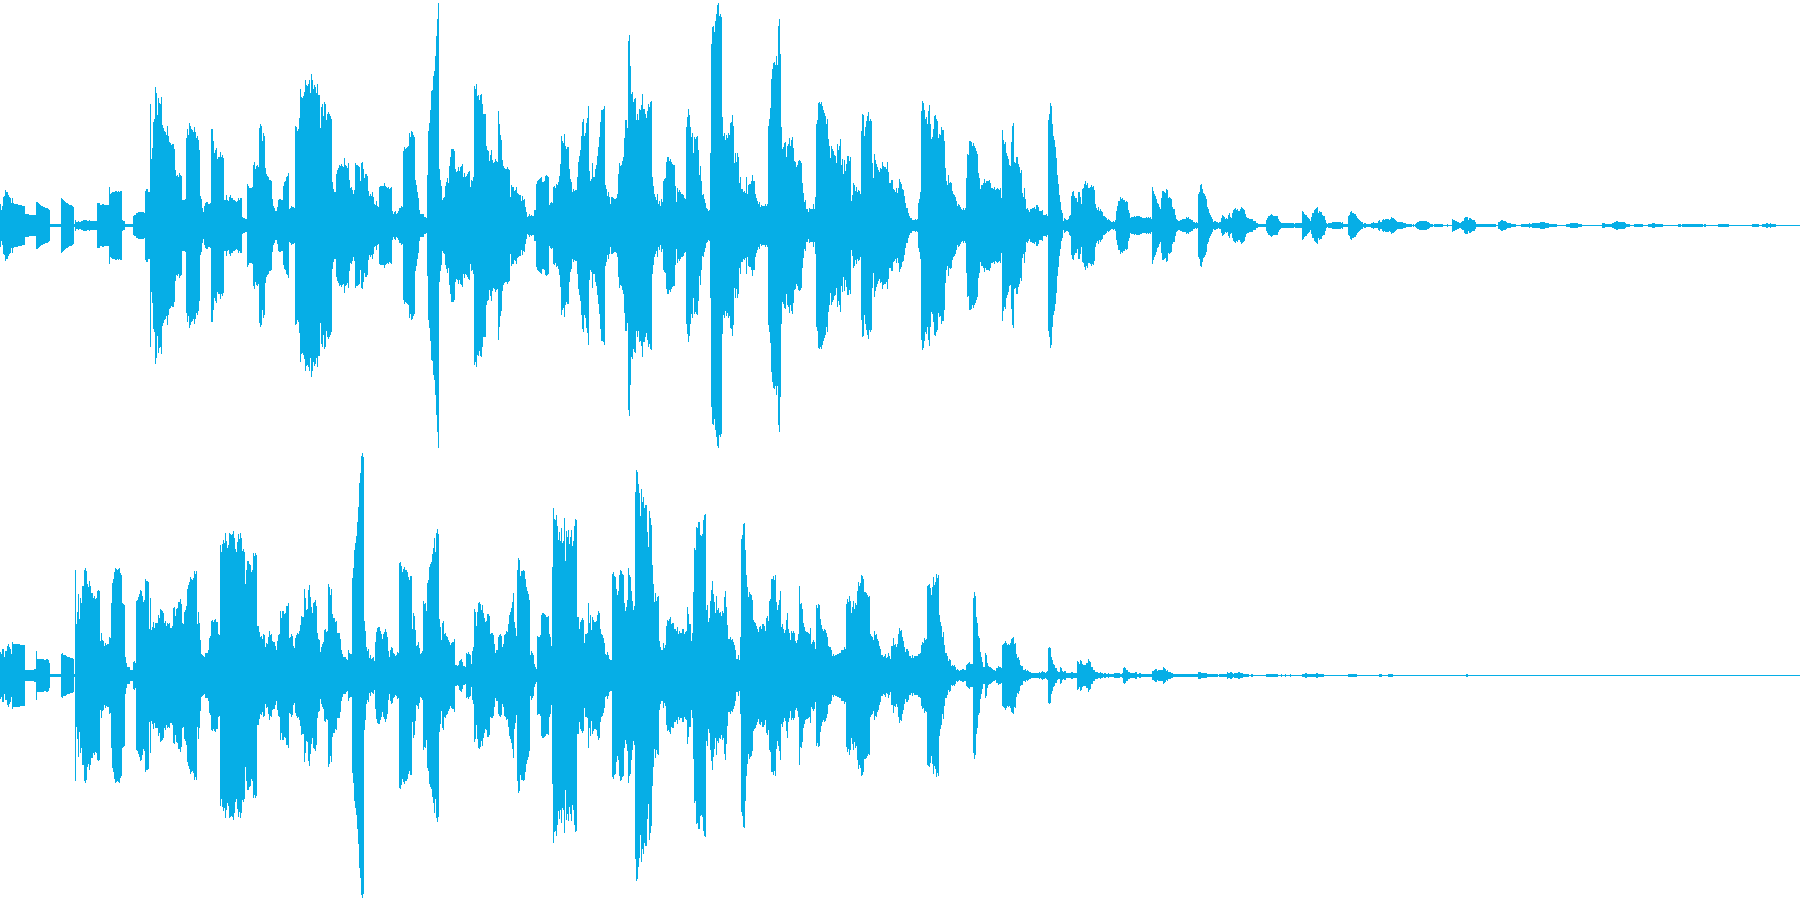 ロボットの鳥の機械的な鳴き声の再生済みの波形